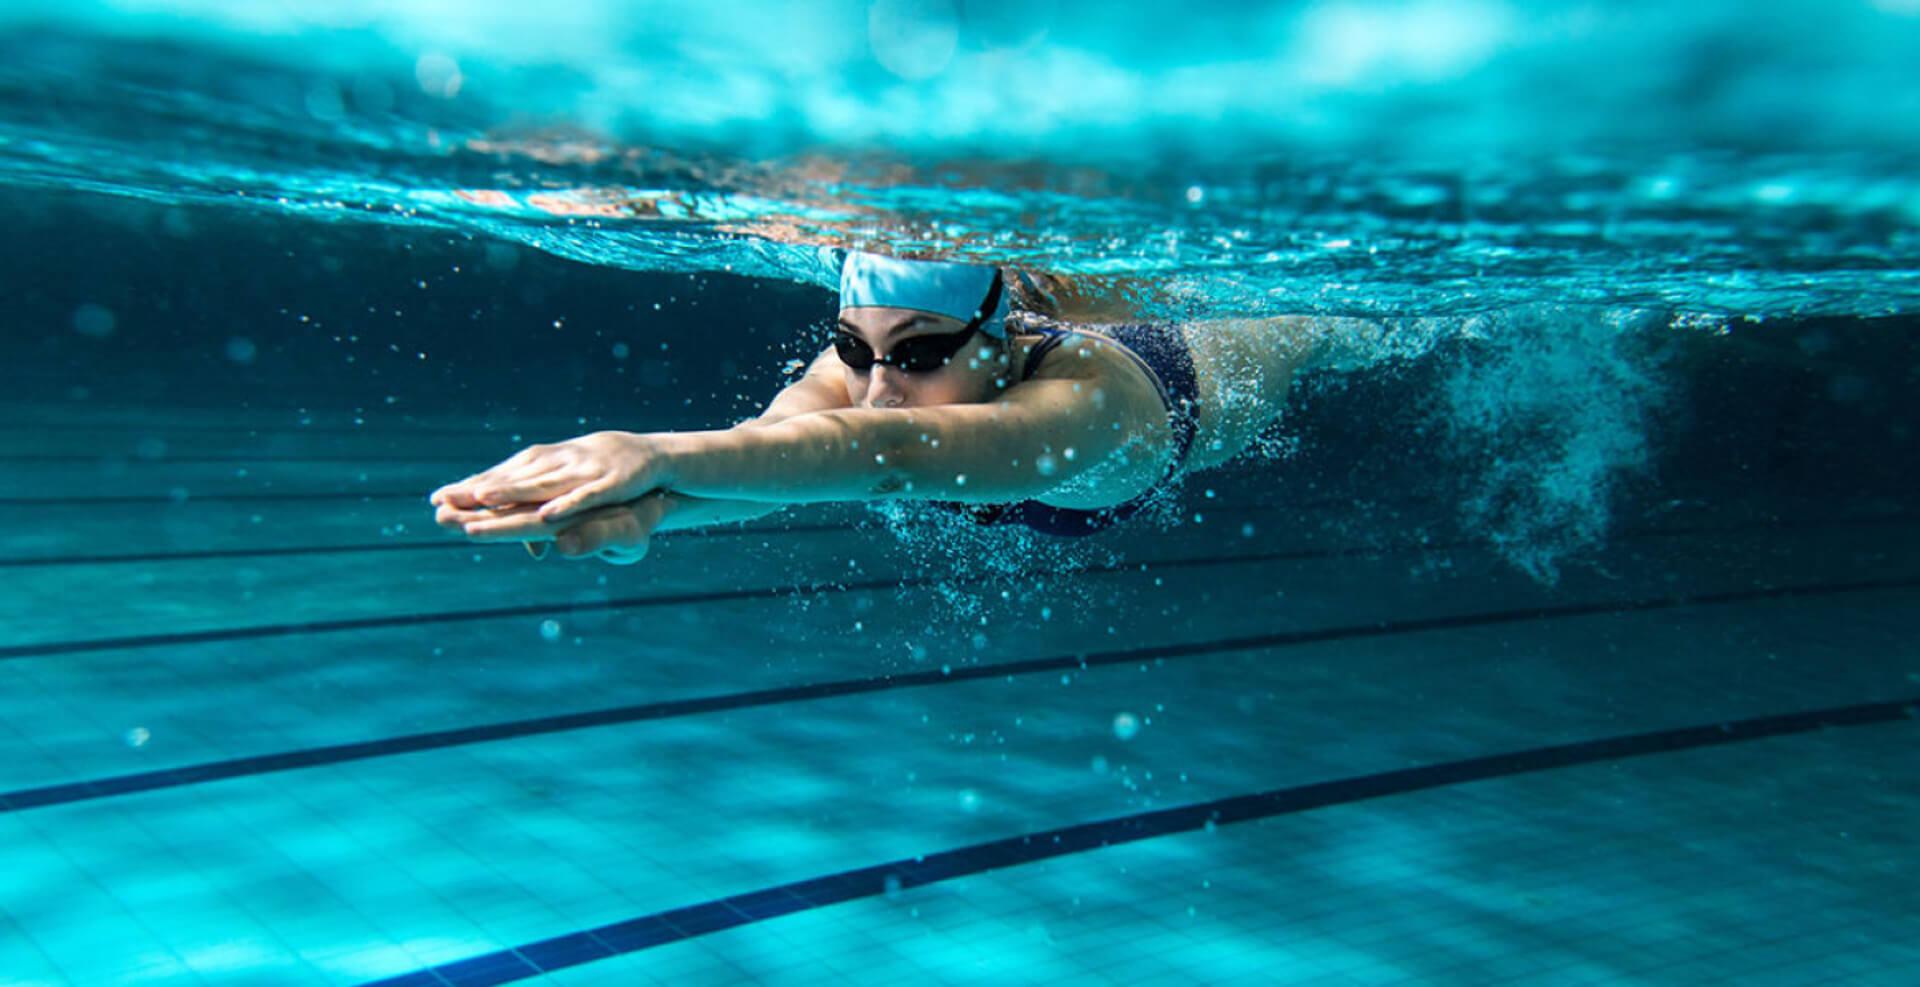 swimmer underwater image